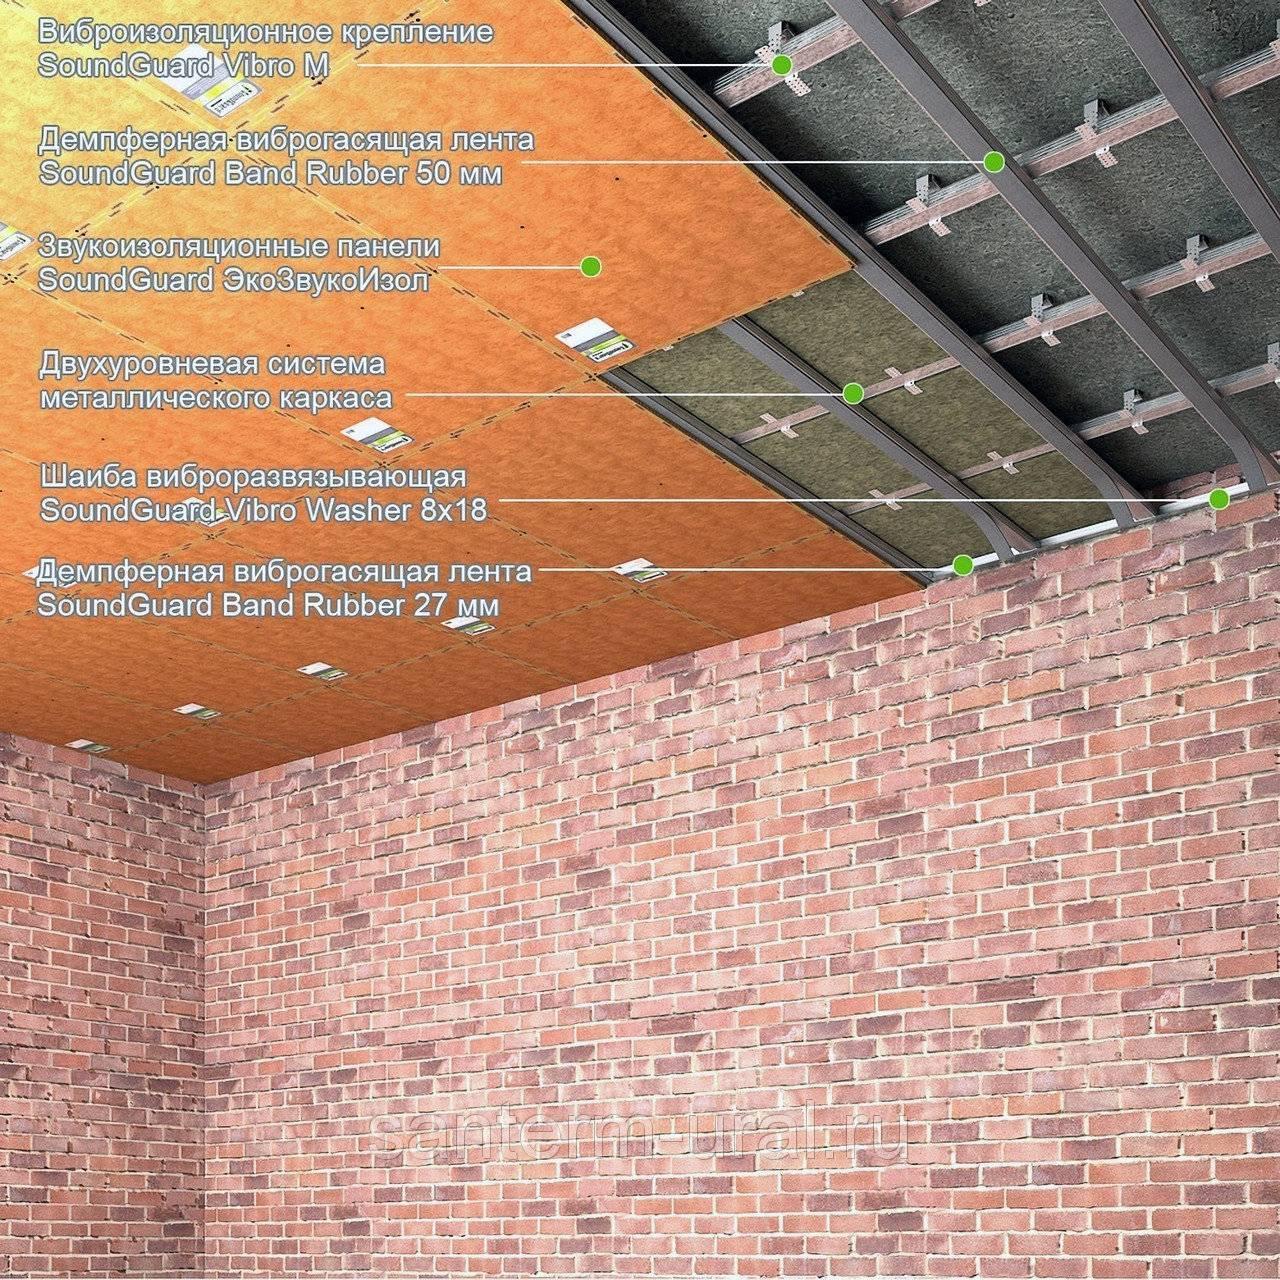 Акустические потолки: способы звукоизоляции, подвесные и натяжные виды конструкций